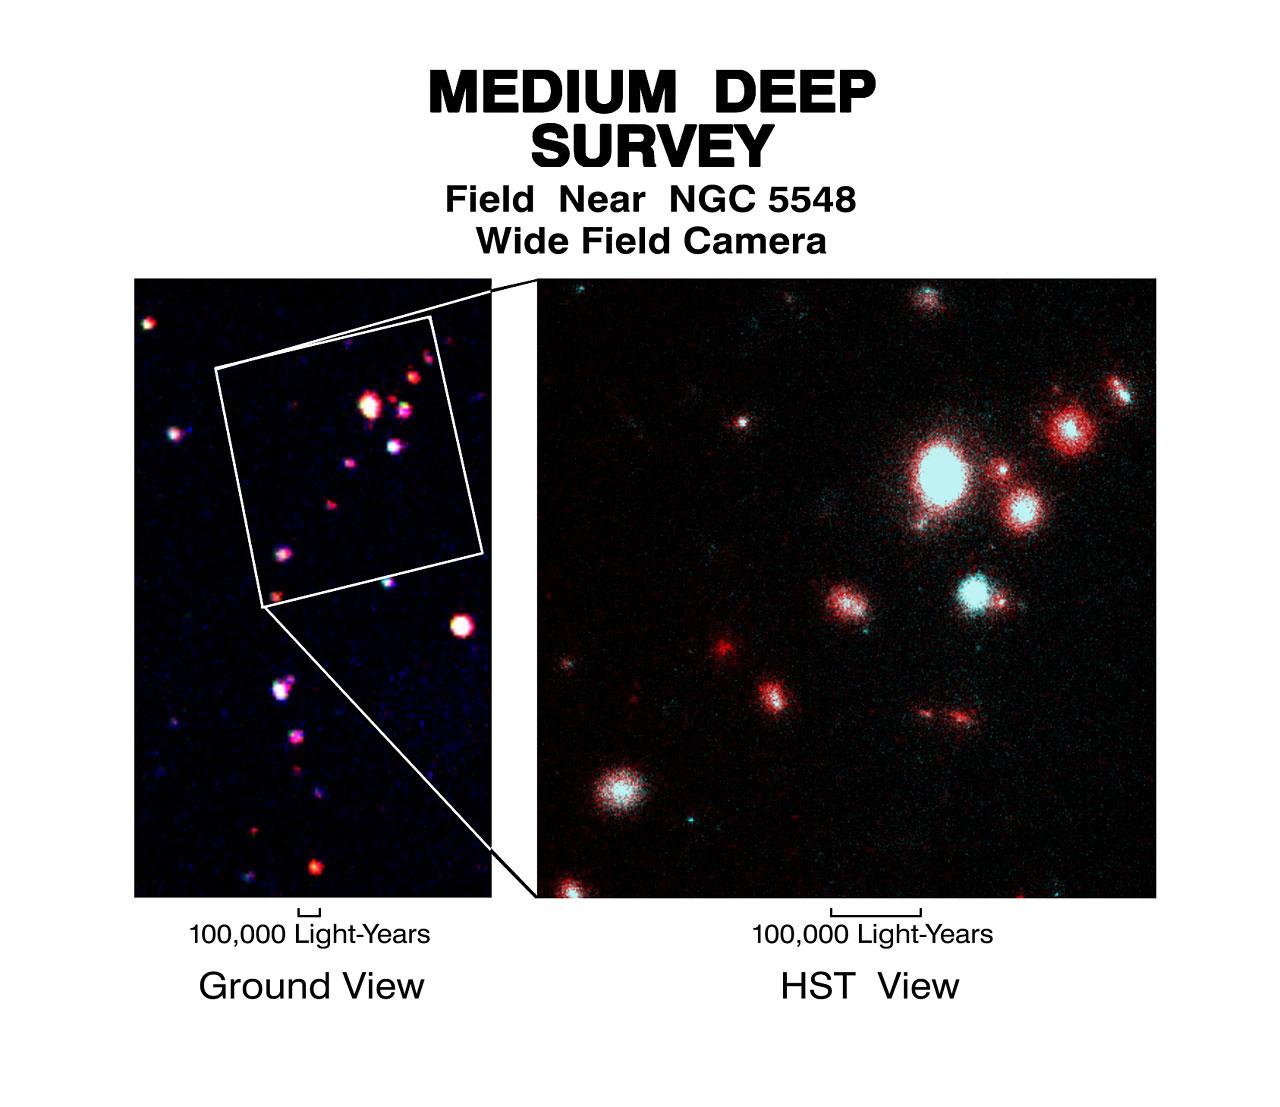 Medium Deep Survey